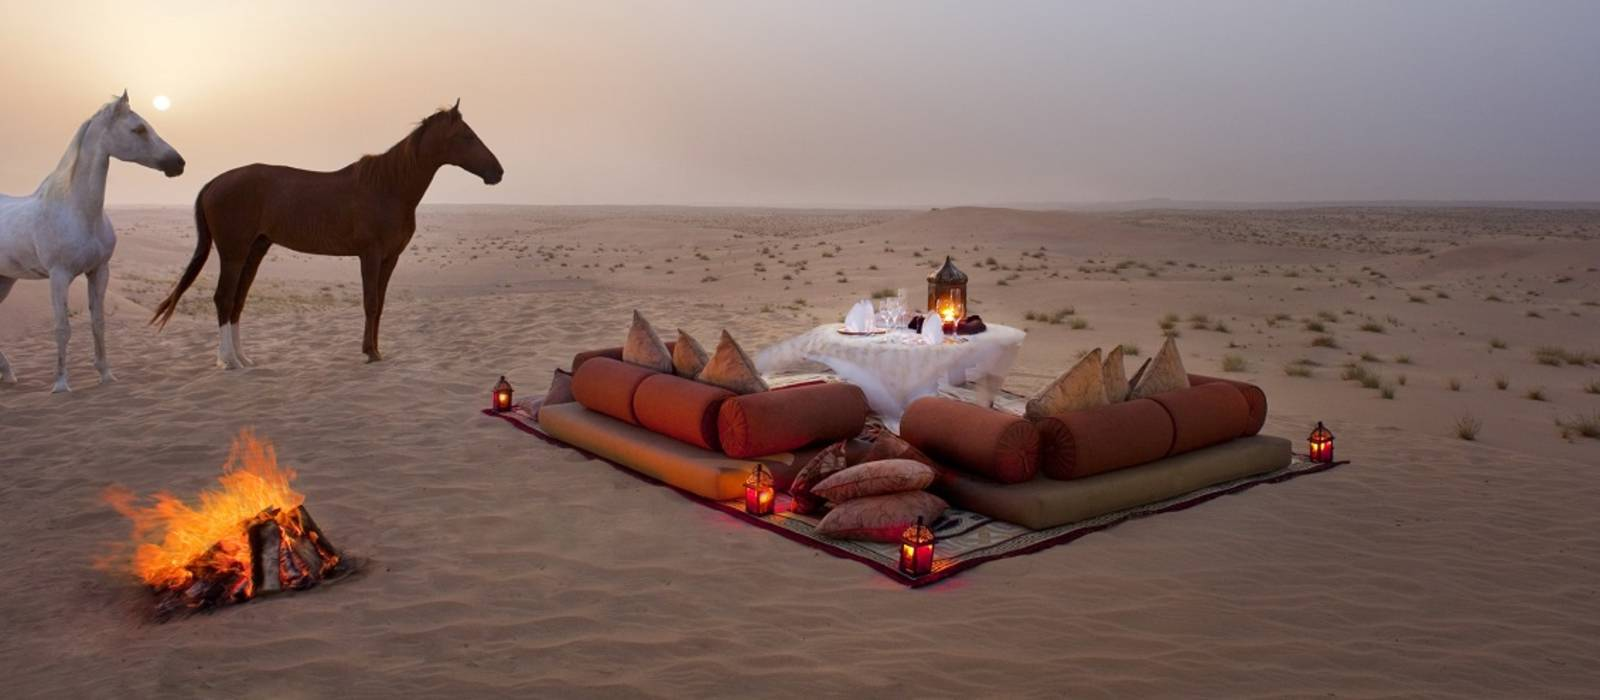 Abendessen in der Wüste, Dubai